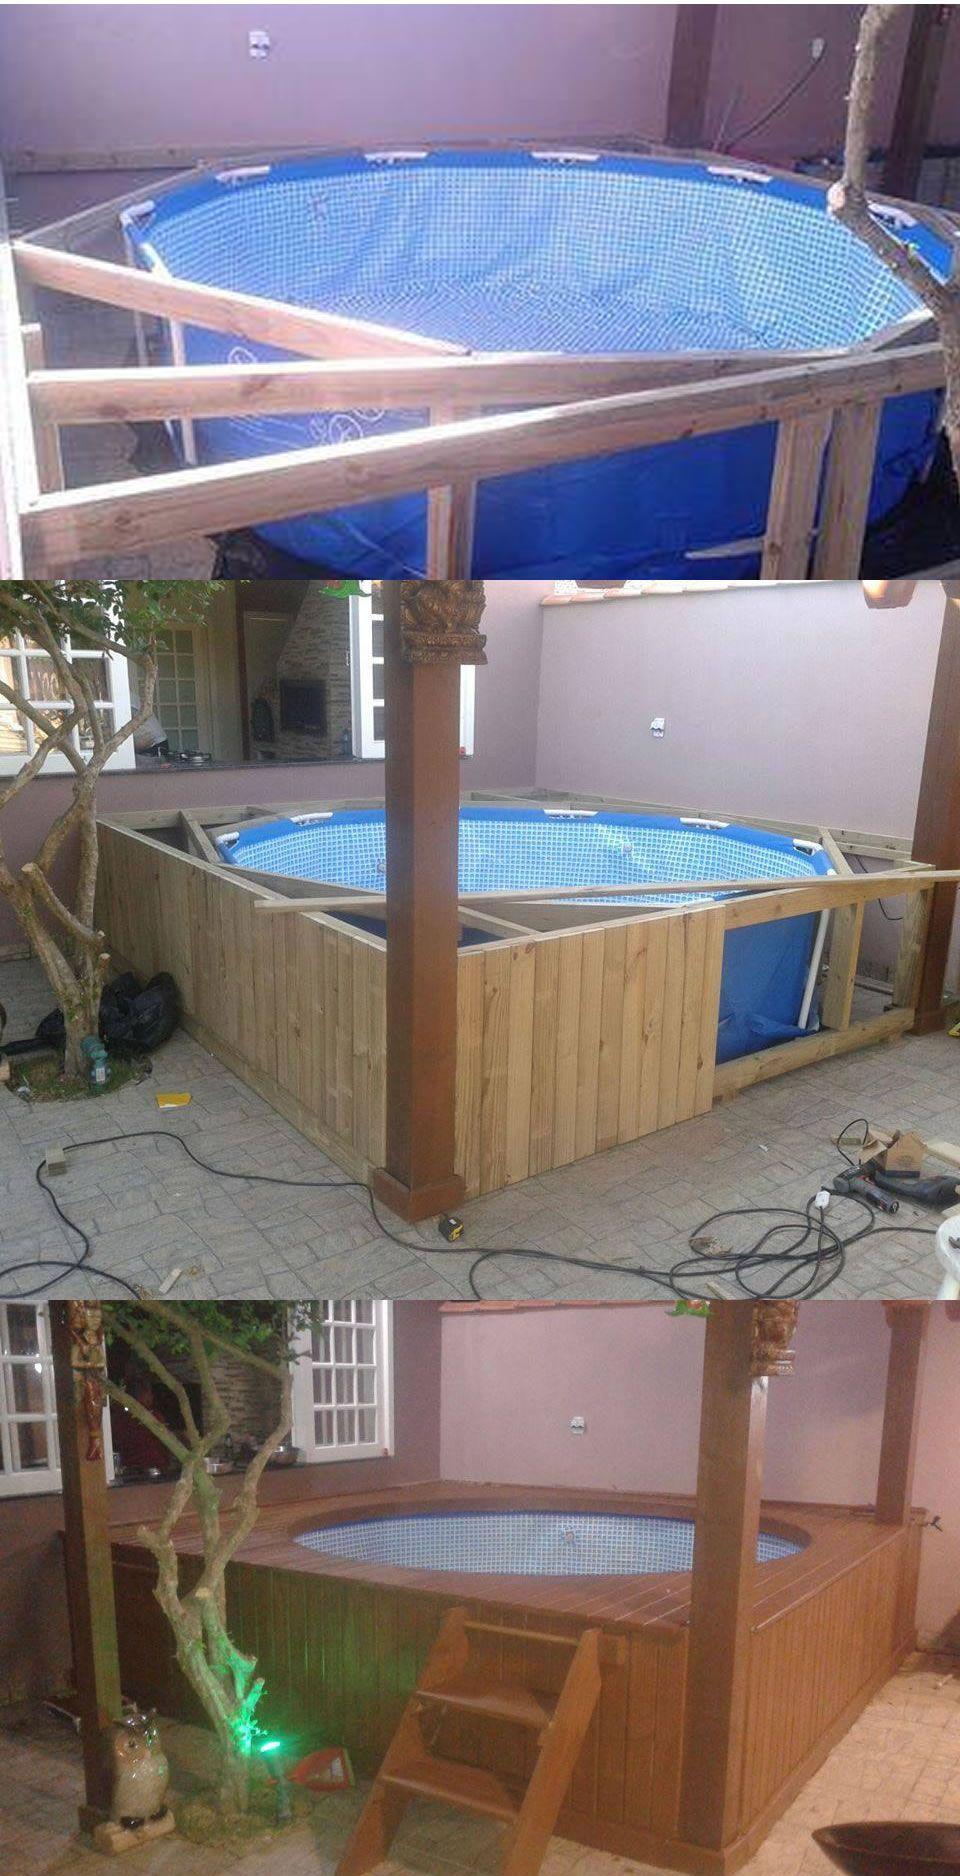 pingl par Amnagement du jardin sur La piscine et son intgration dans le jardin en 2019